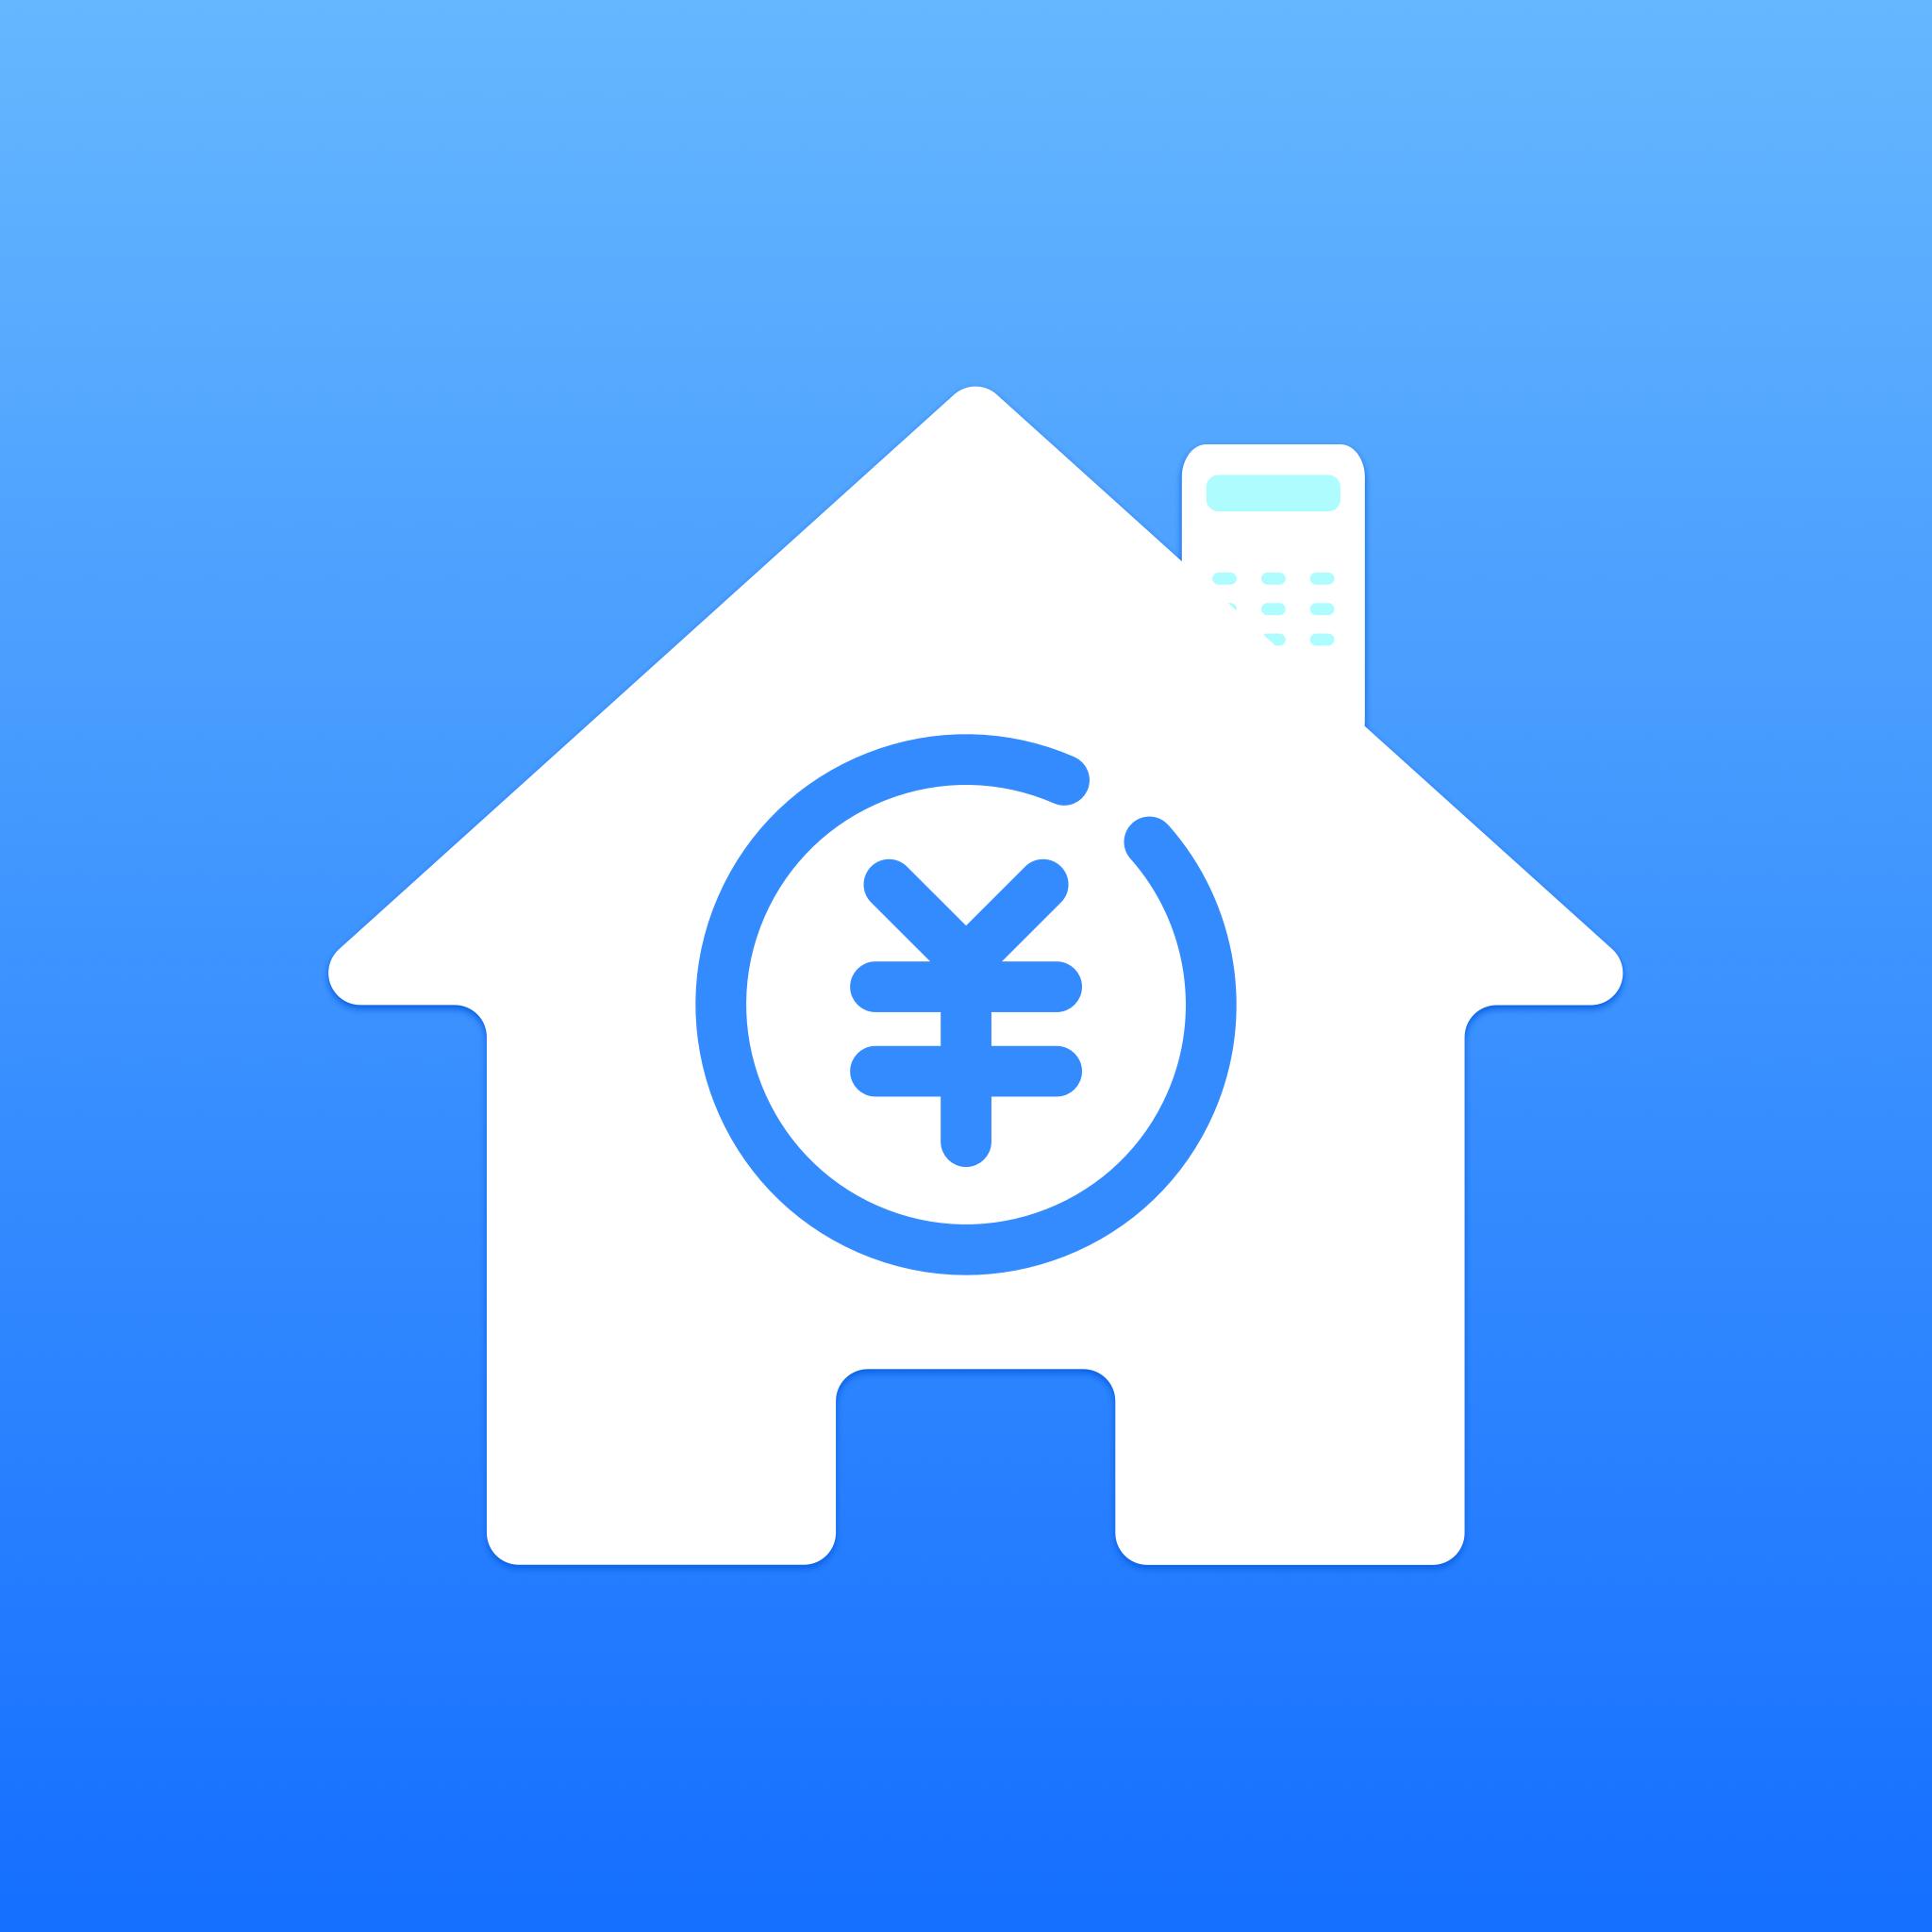 房价计算器v1.0.0 最新版